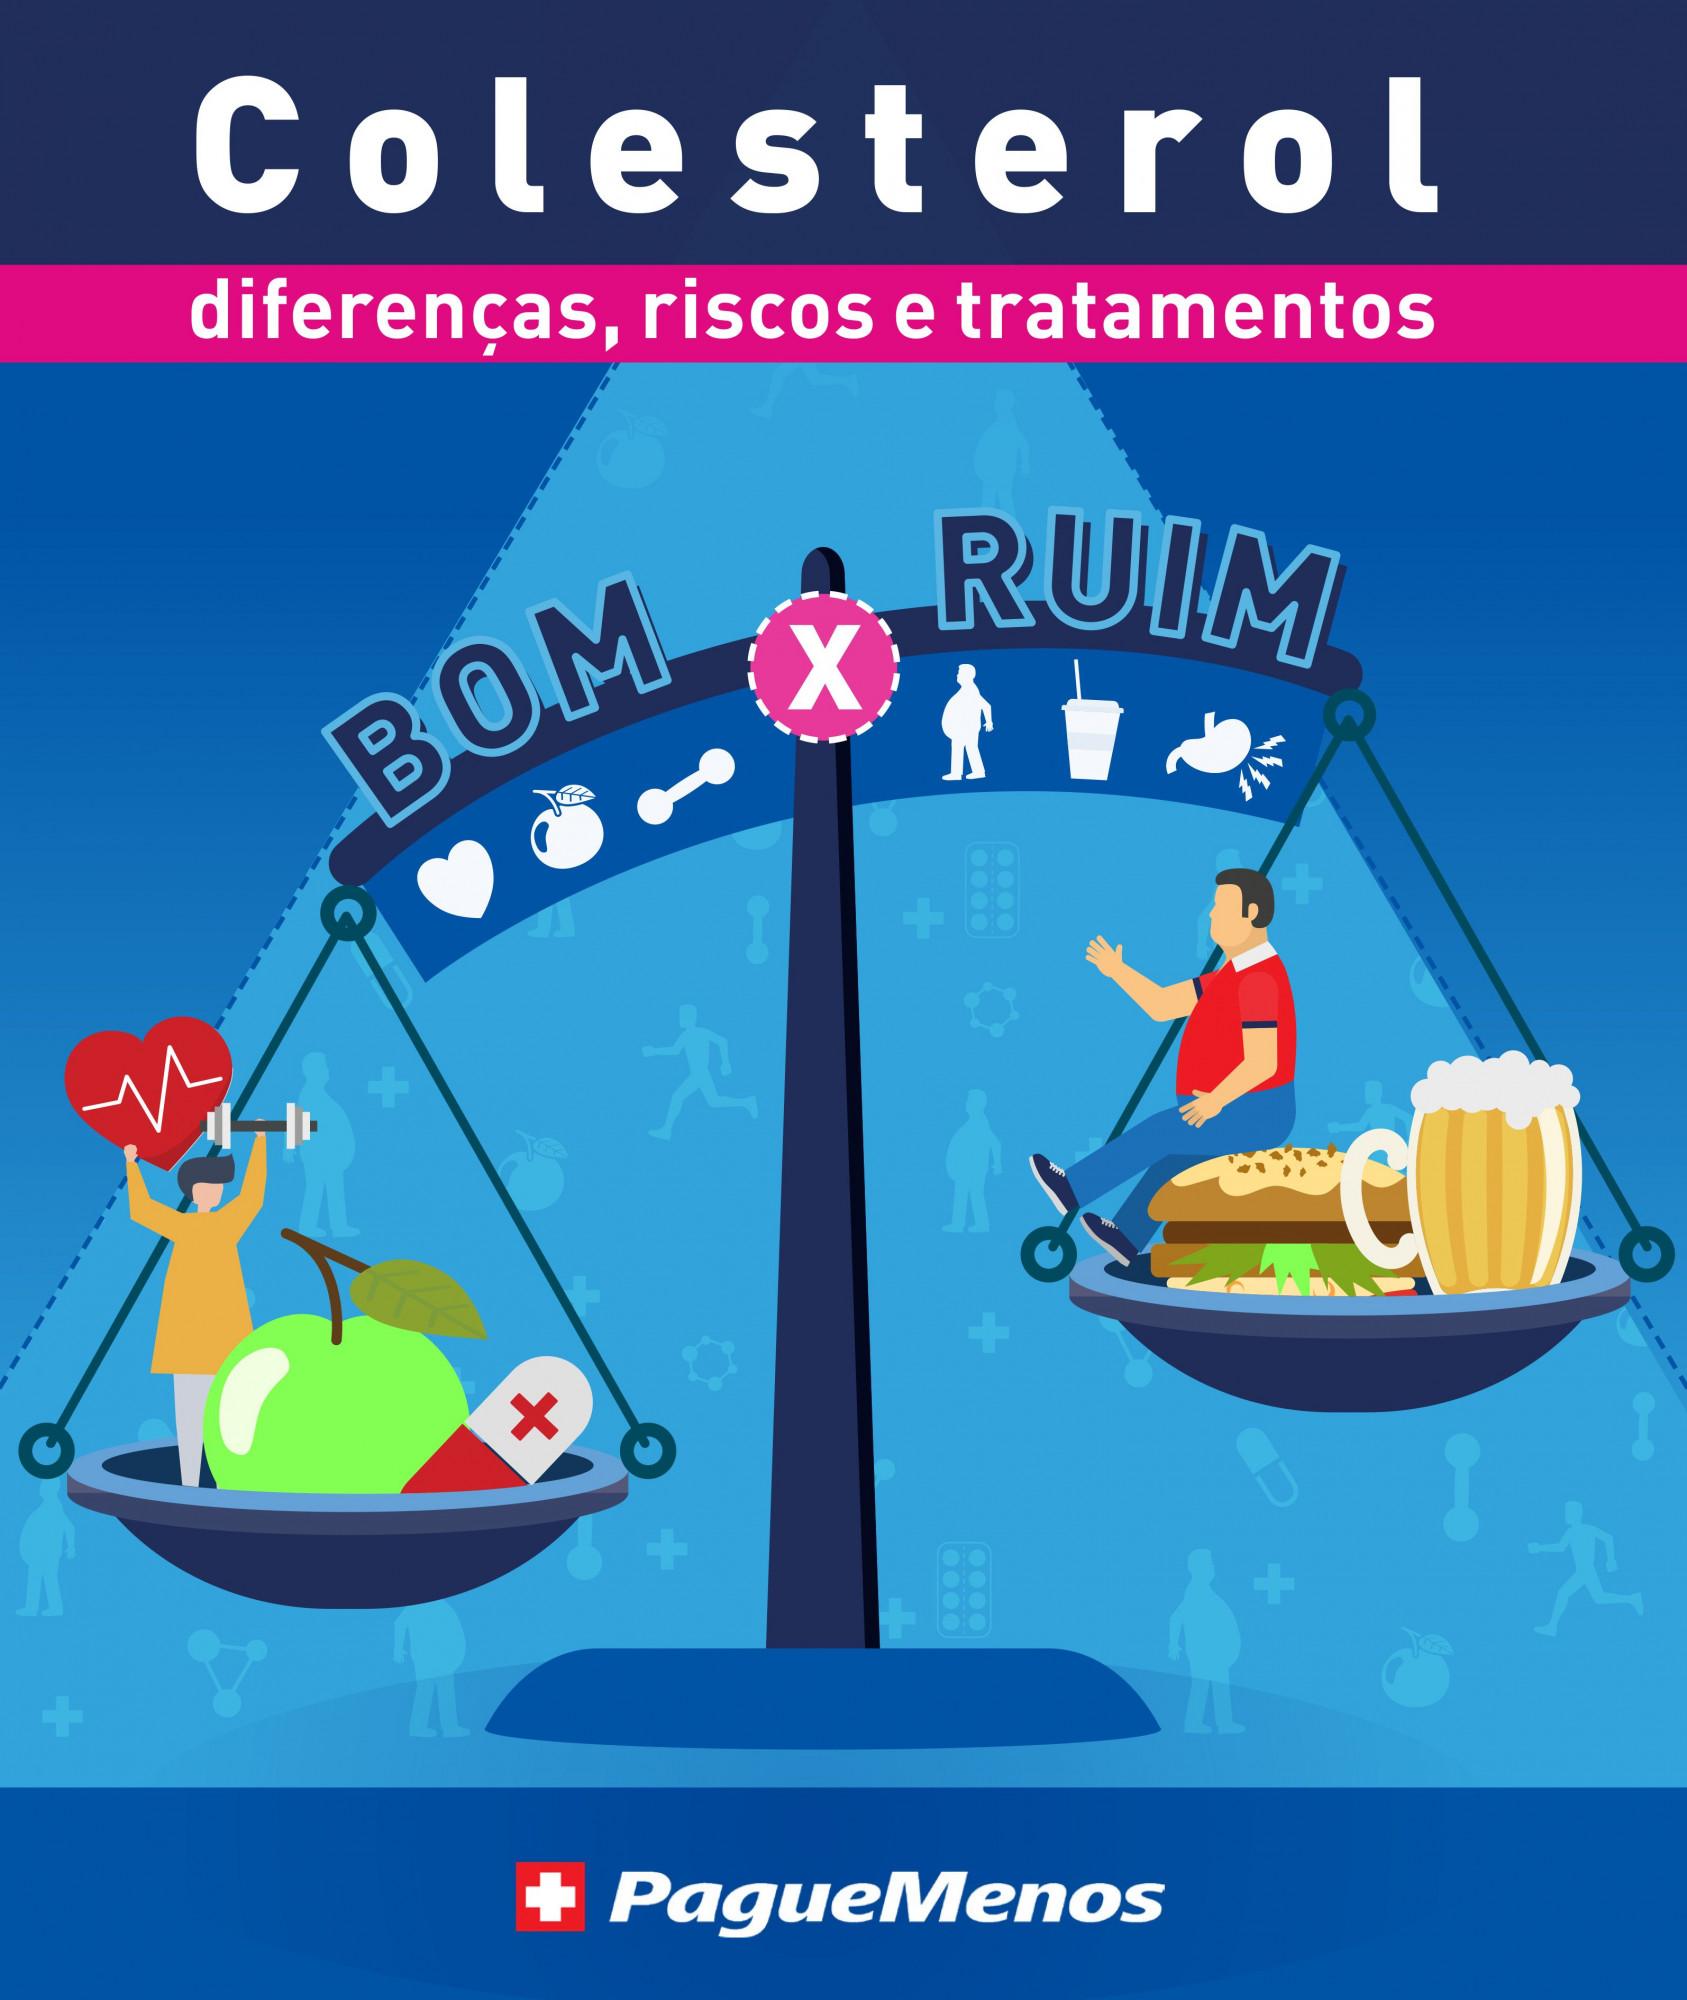 E-book: Colesterol Bom x Ruim - Diferenças, riscos e tratamentos